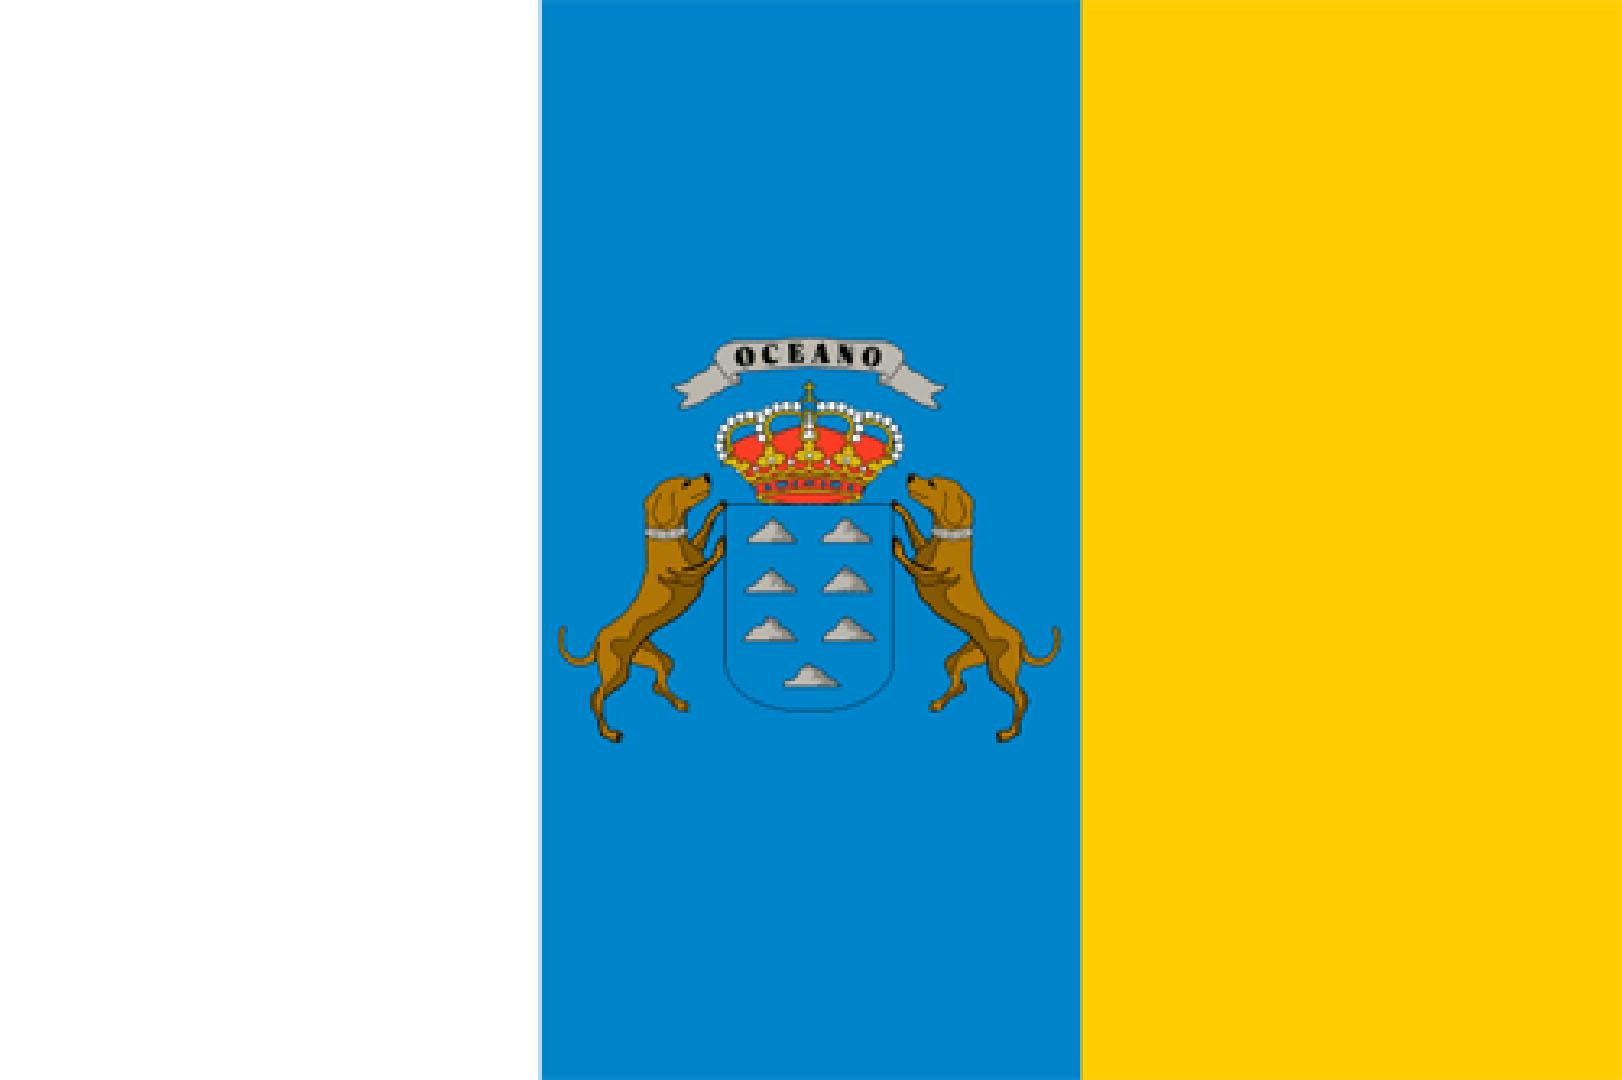 Die kanarische Flagge mit den beiden Hunden.